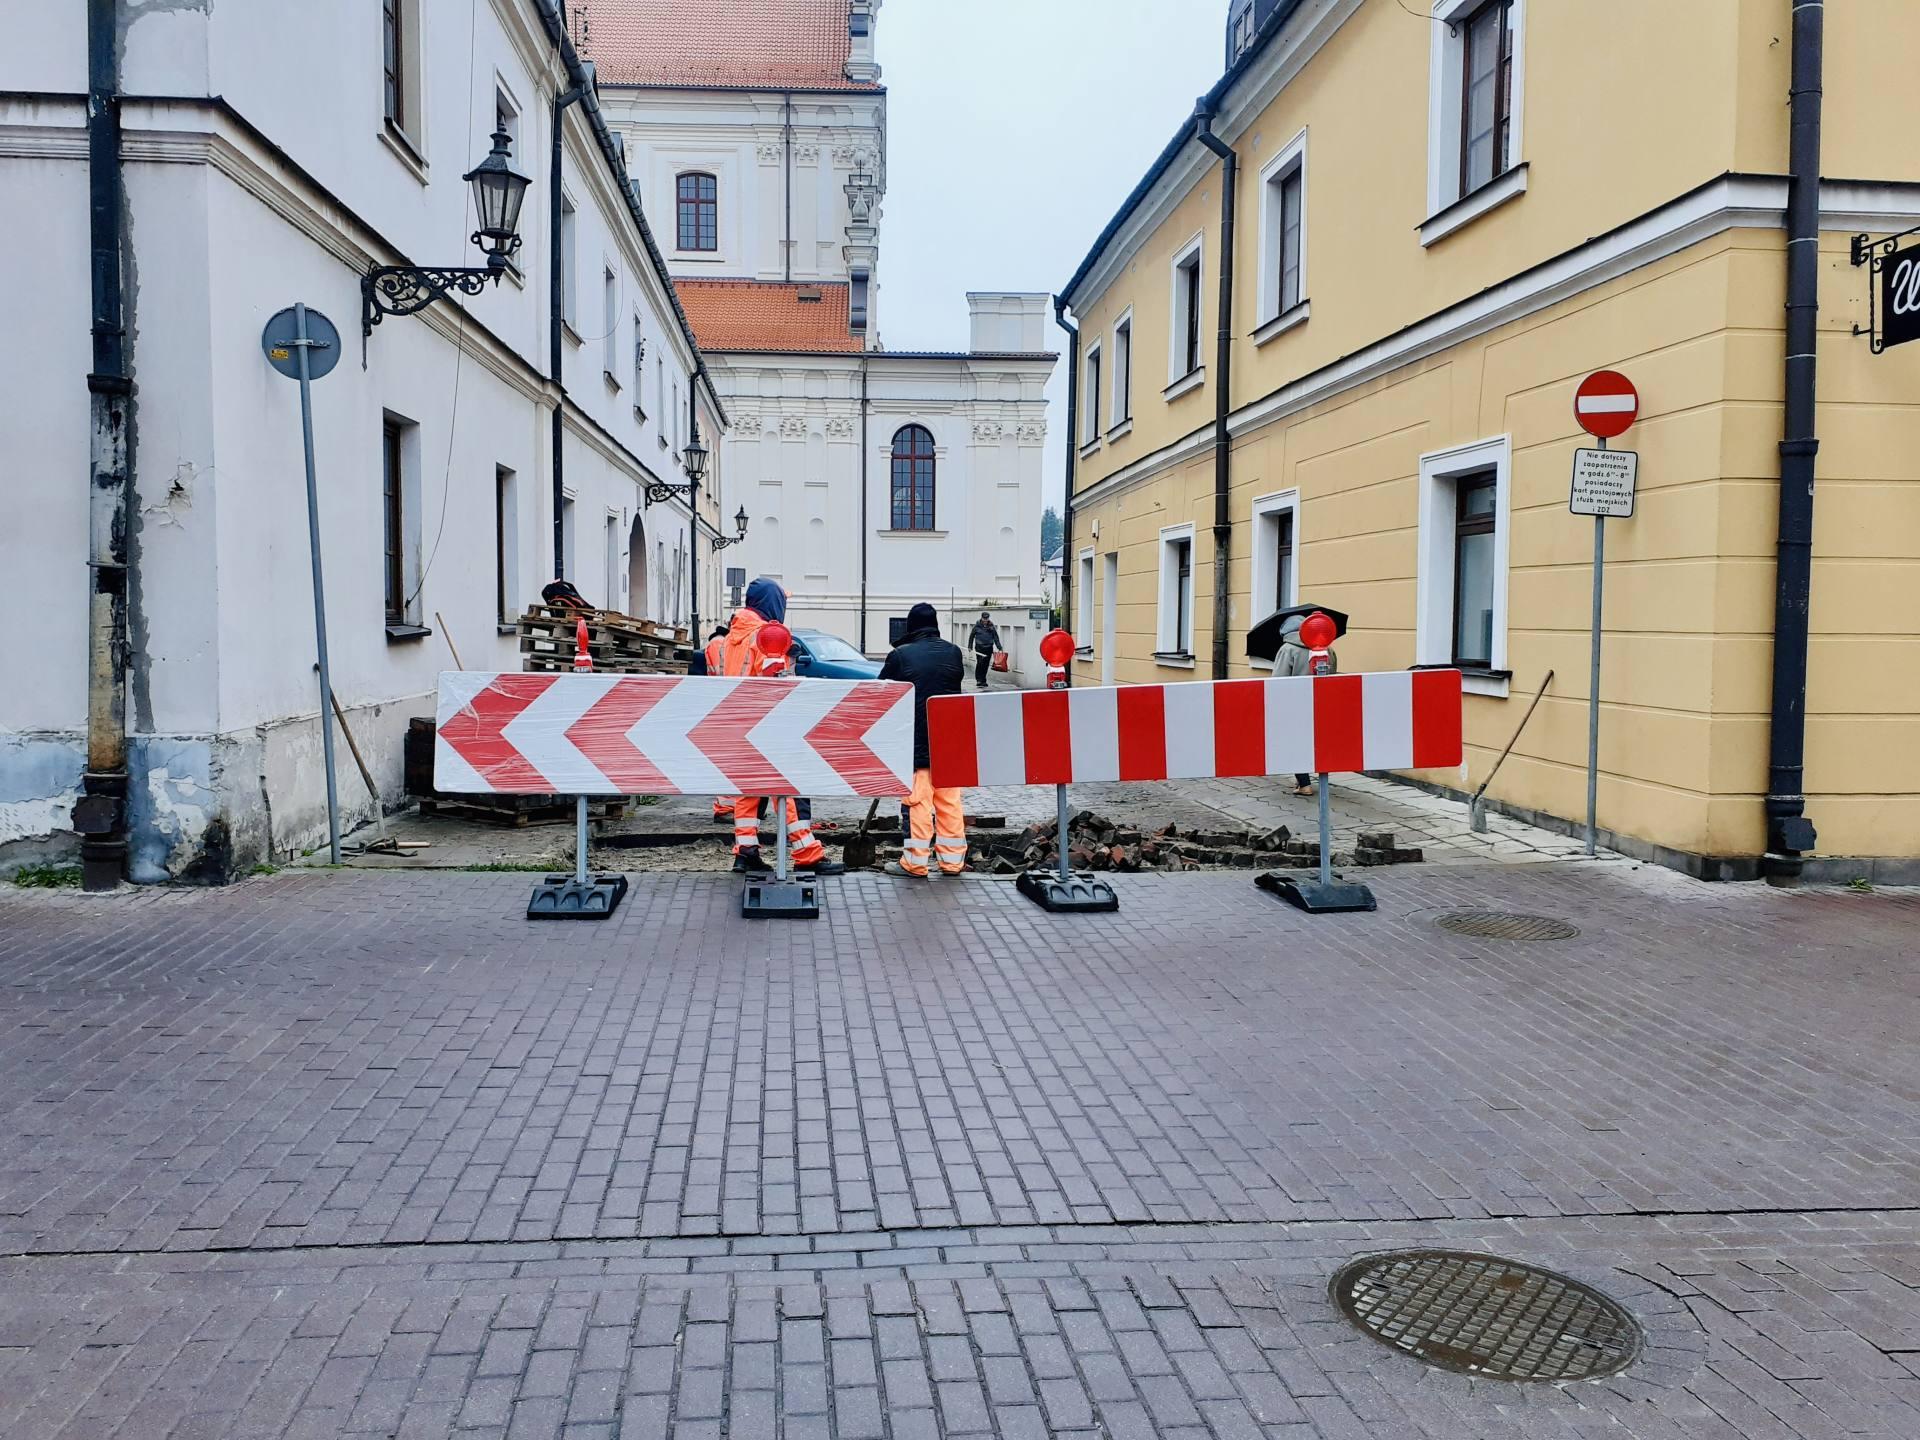 20211013 084854 ZAMOŚĆ: Znów utrudnienia na Starówce. Kolejne ulice zostały zamknięte.